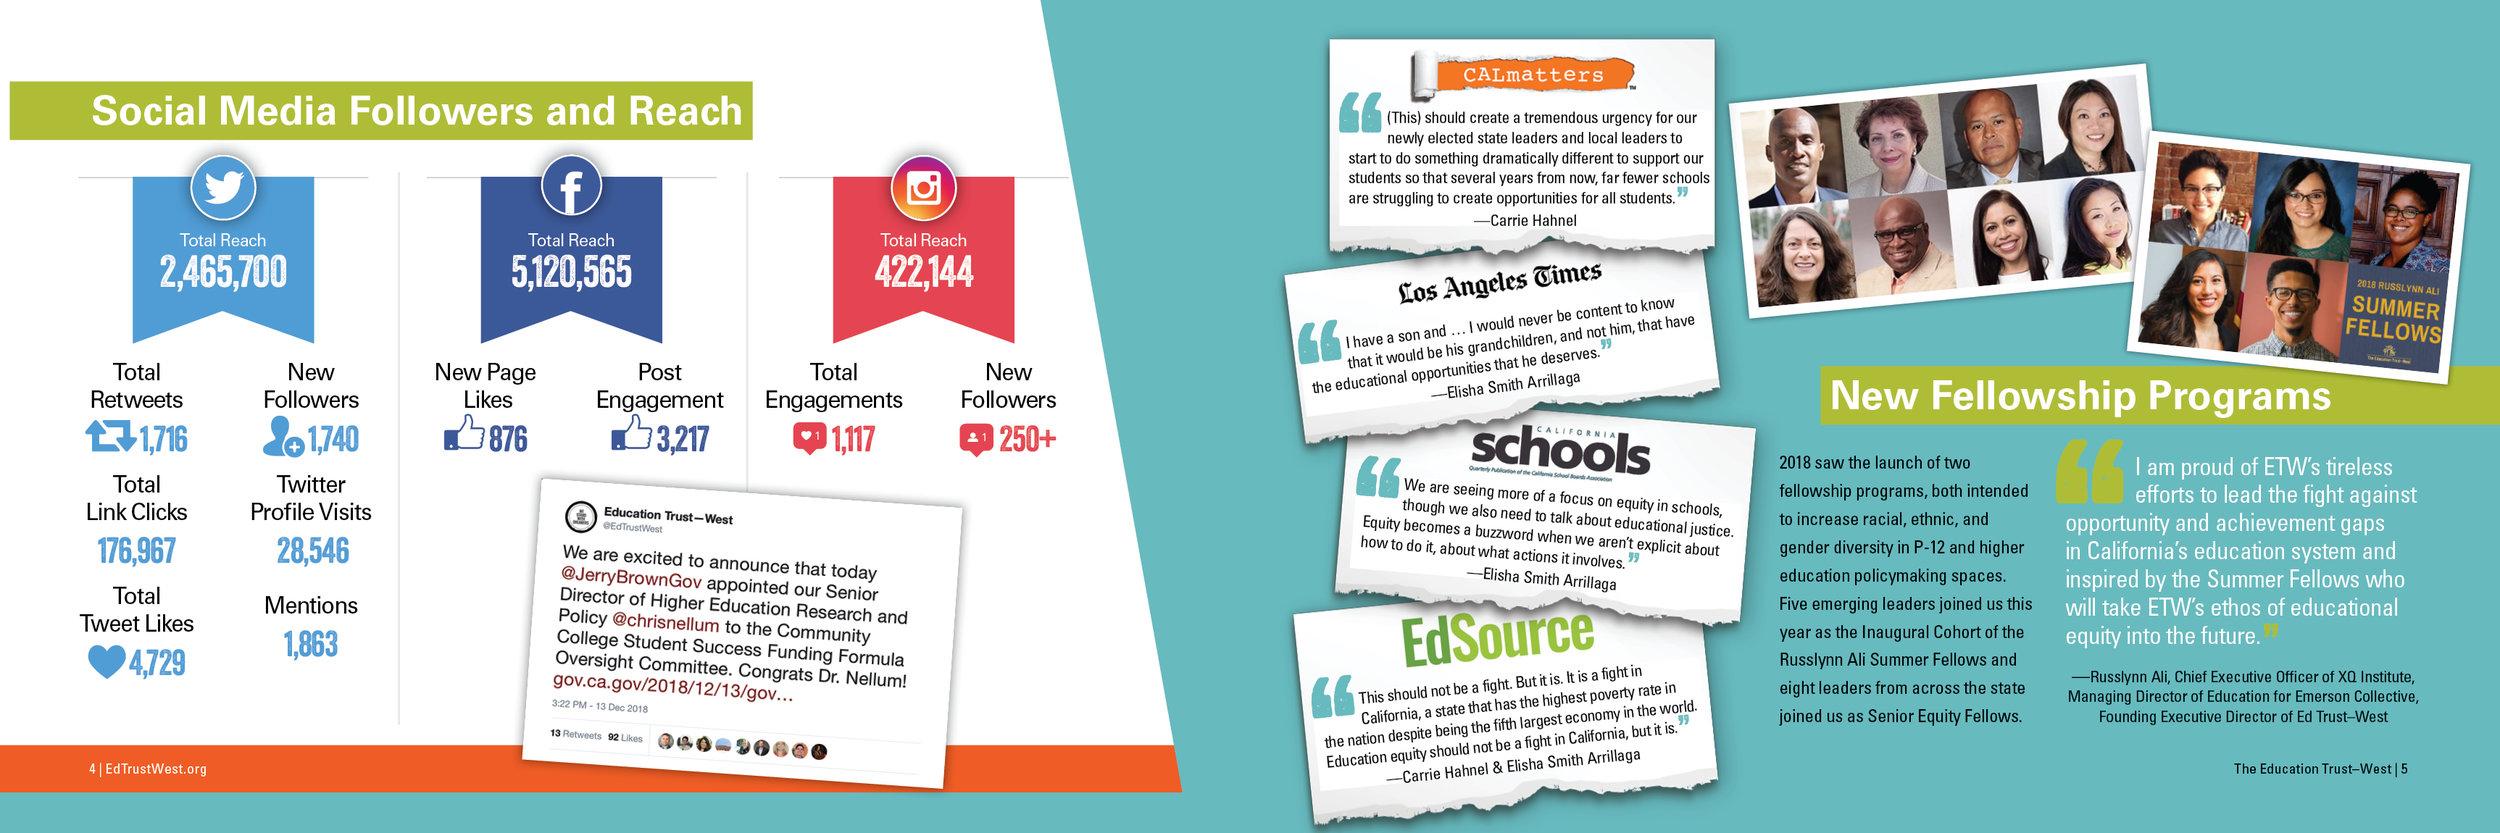 EducationTrust_2019_AnnualReport_V113.jpg